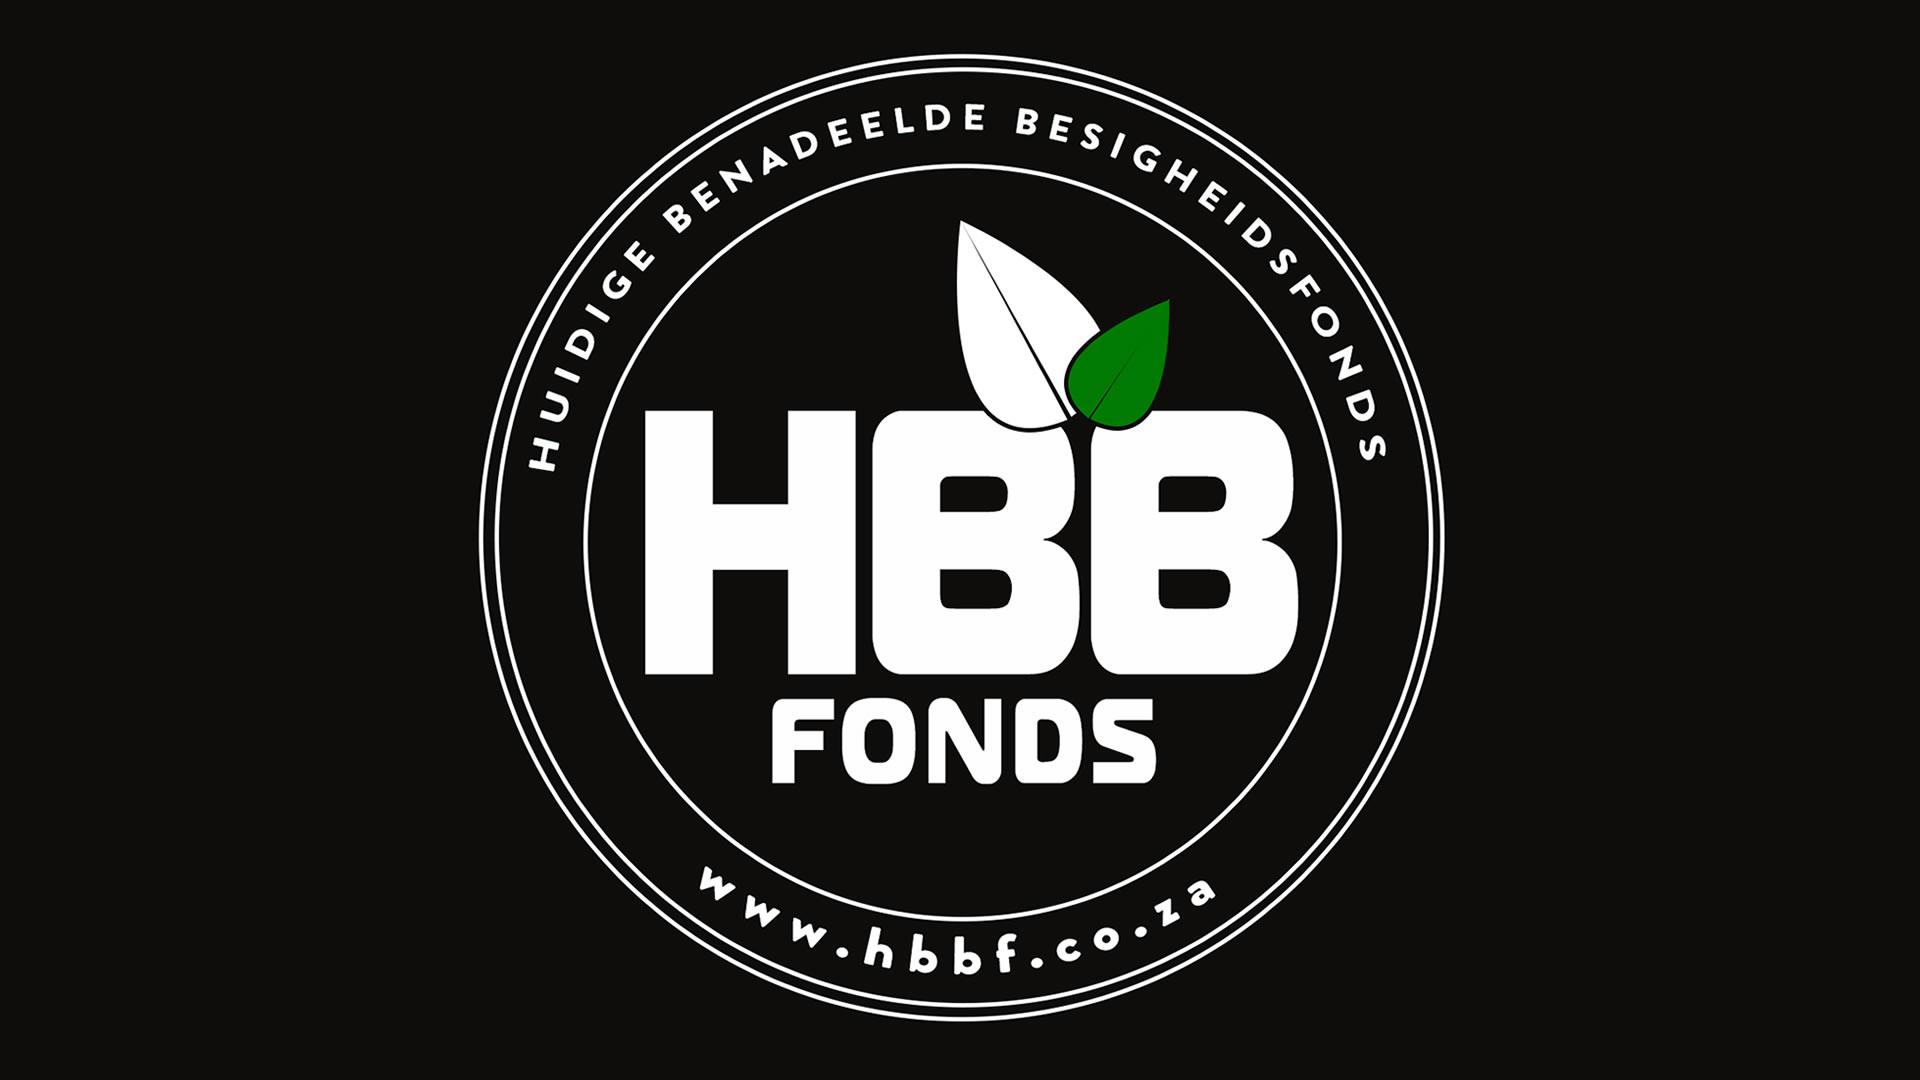 HBBF Huidige Benadeelde Besigheidsfonds